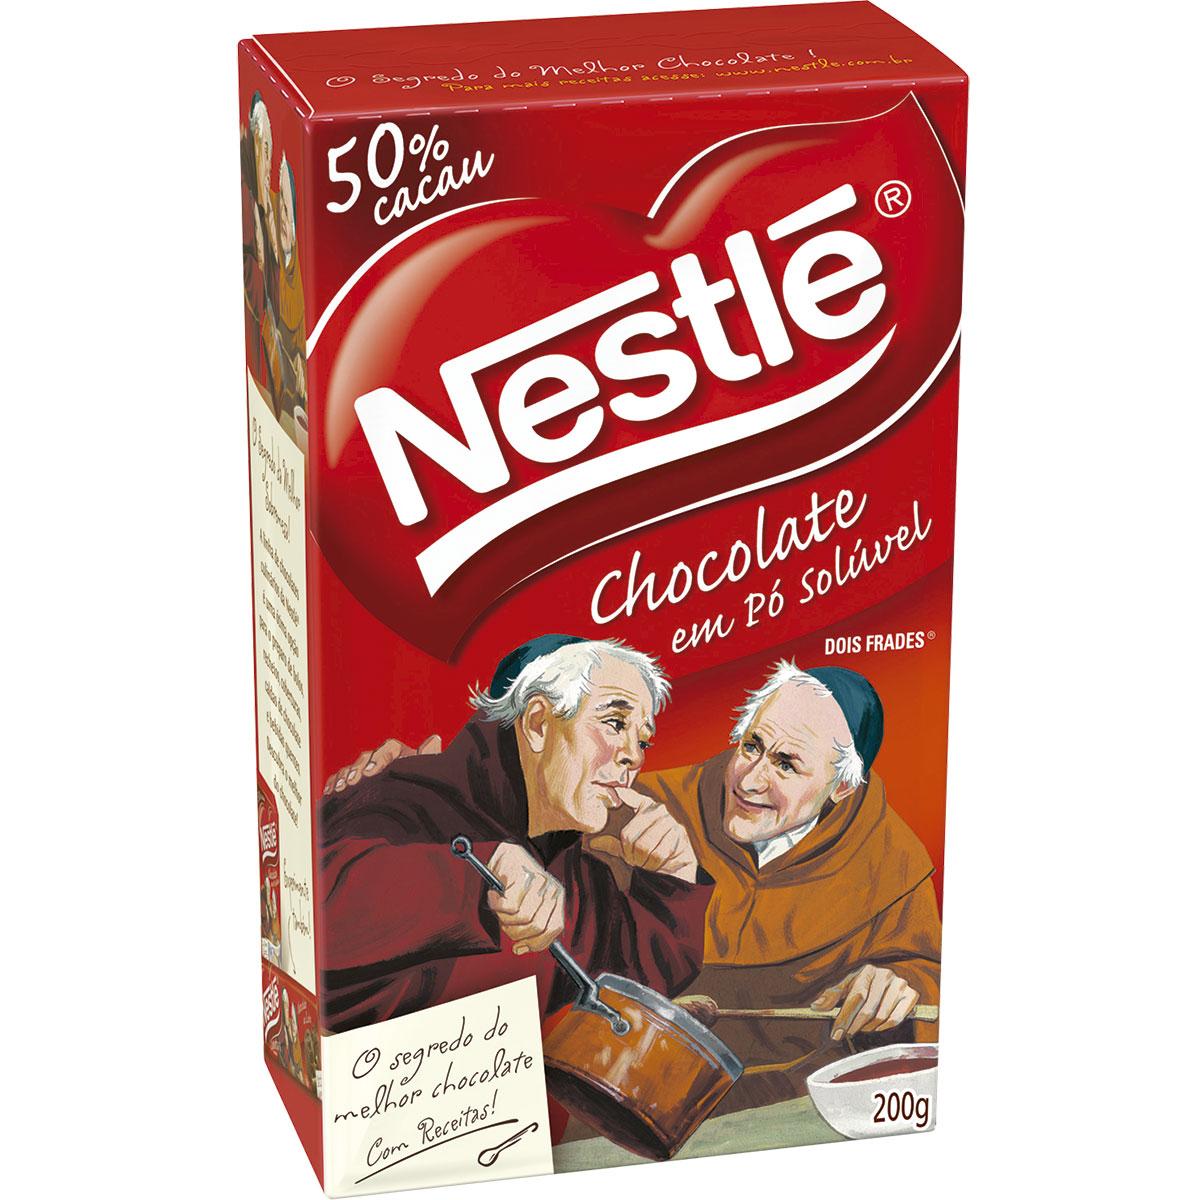 chocolate em p¢ sol£vel